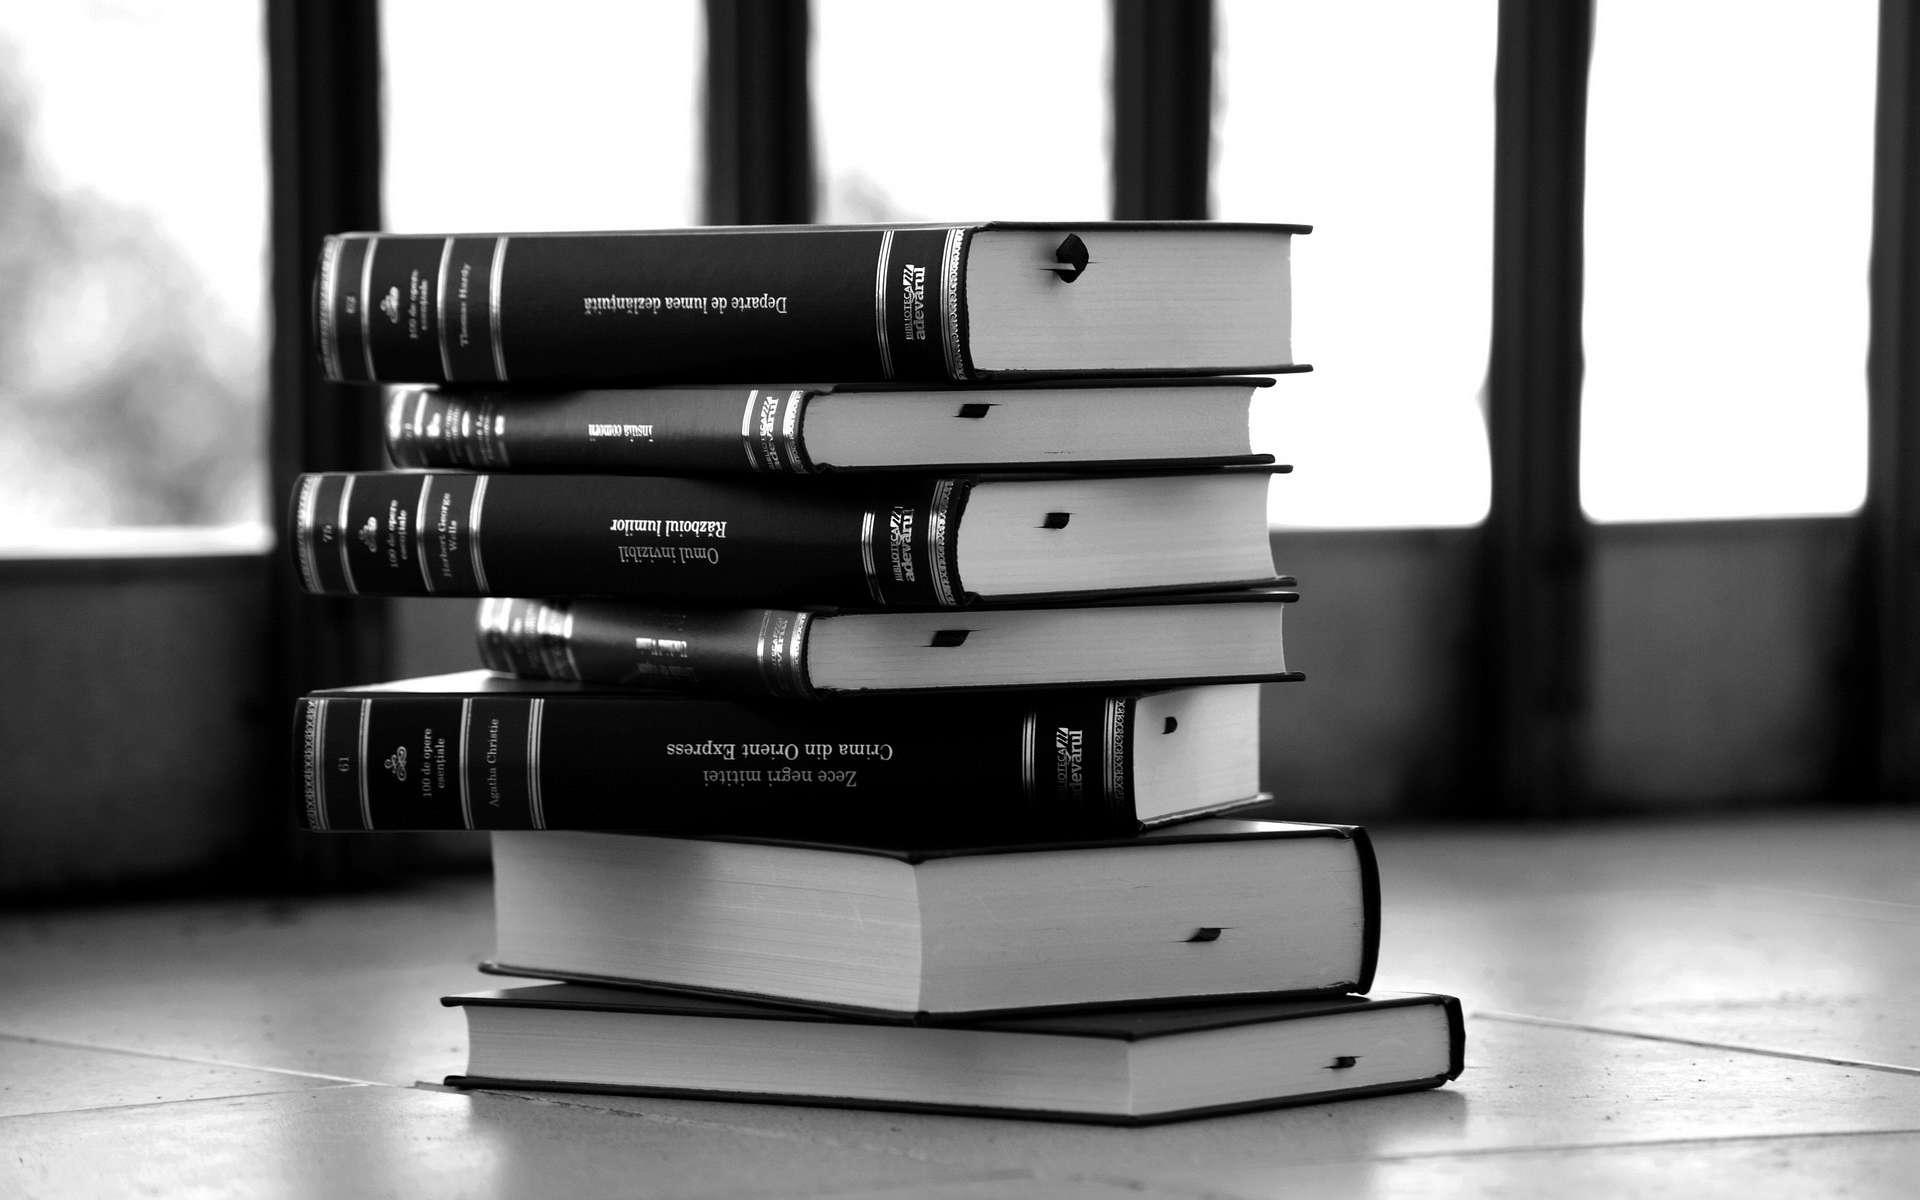 monochrome books desktop wallpaper 62333 1920x1200 px ~ hdwallsource